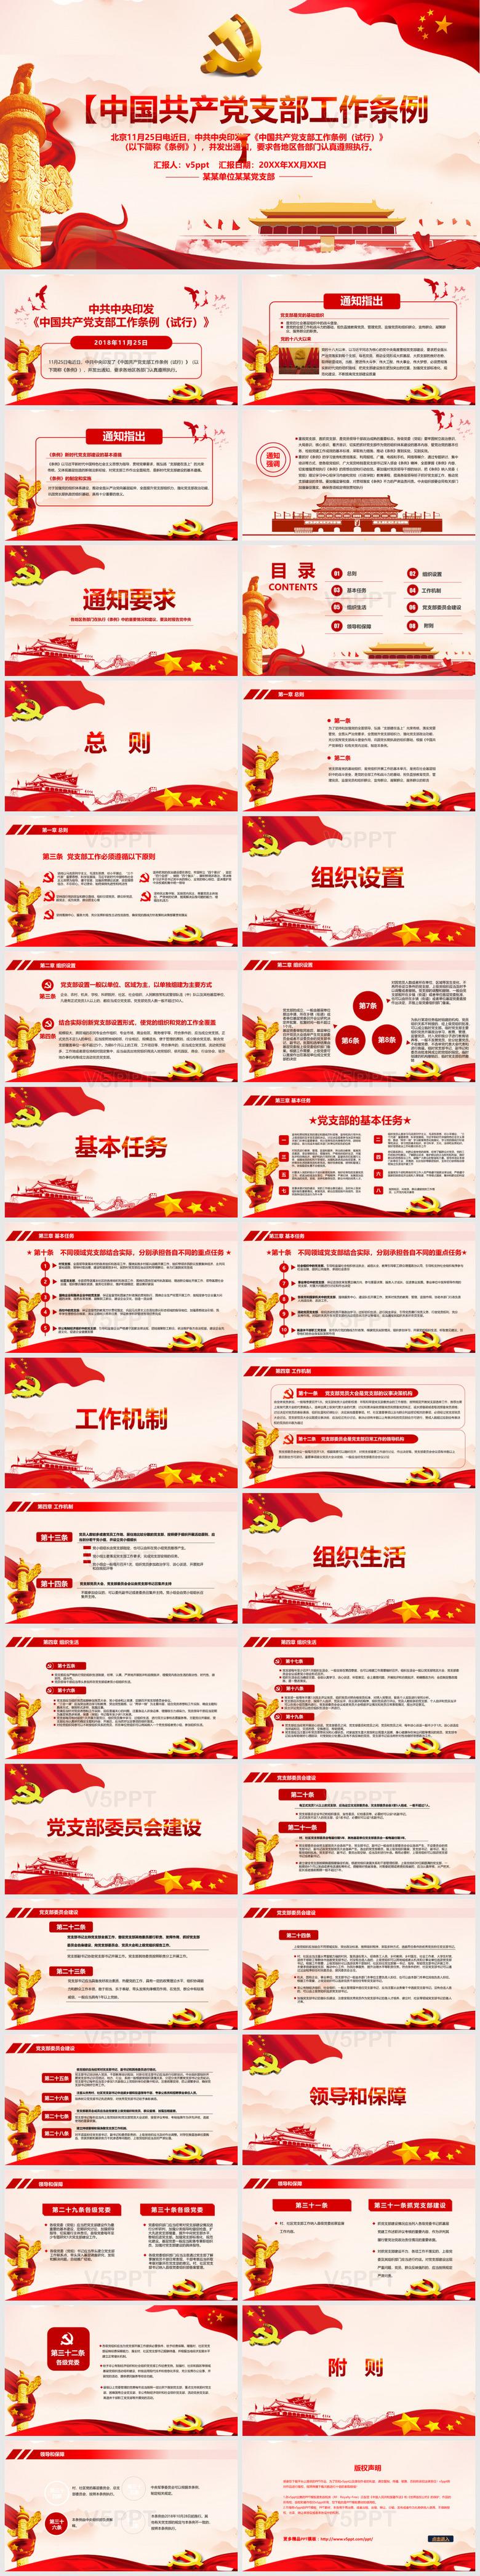 中国共产党支部工作条例解读党课教育党建通用PPT模板